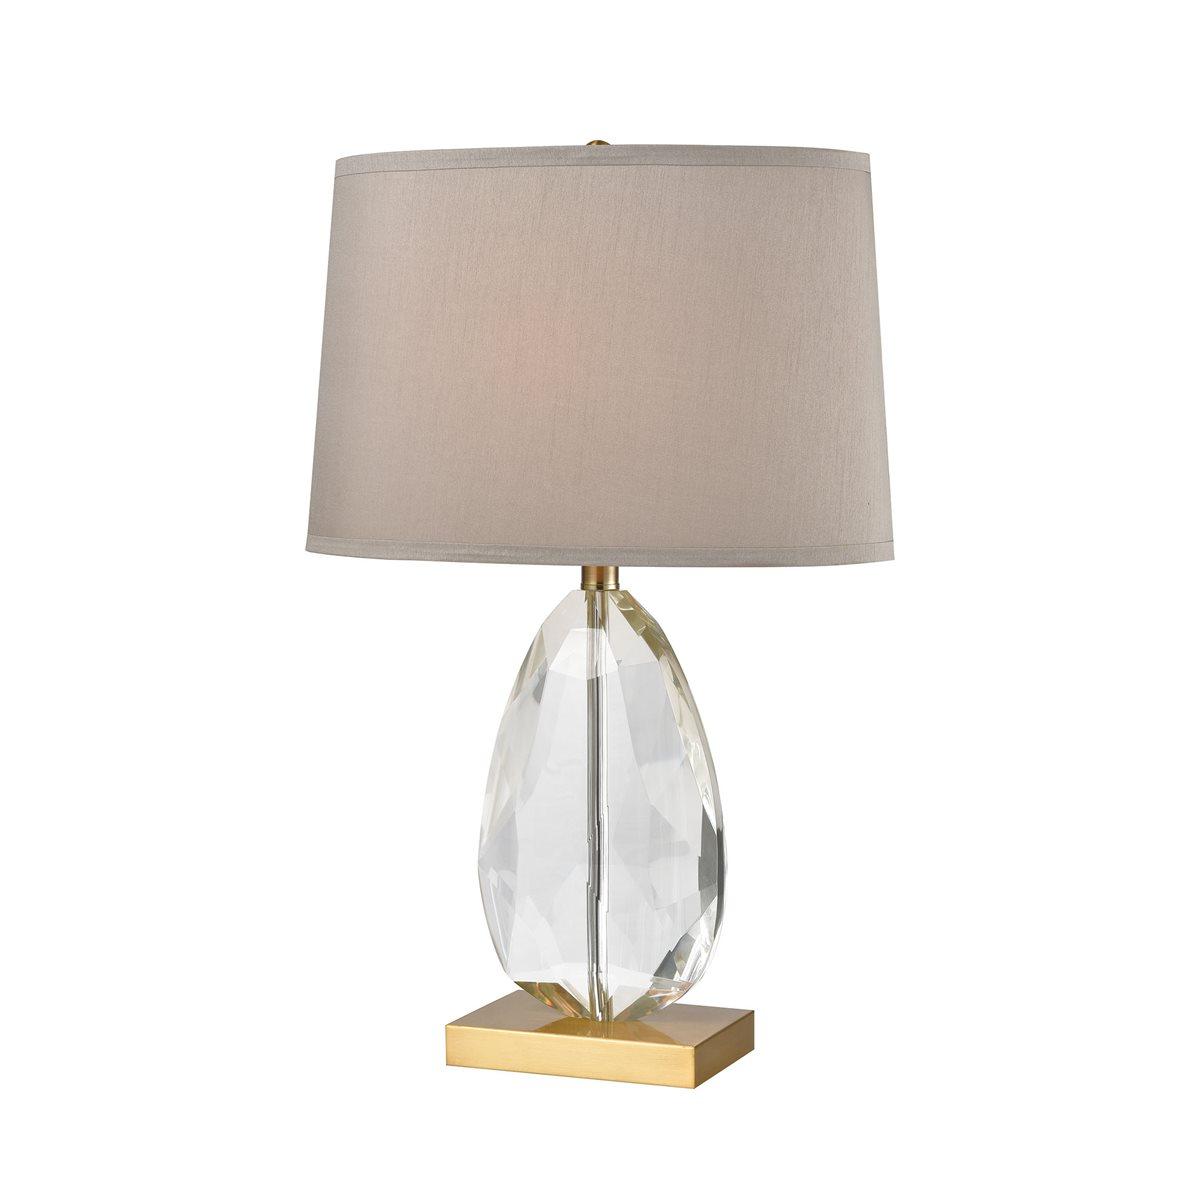 PALACIAL TABLE LAMP